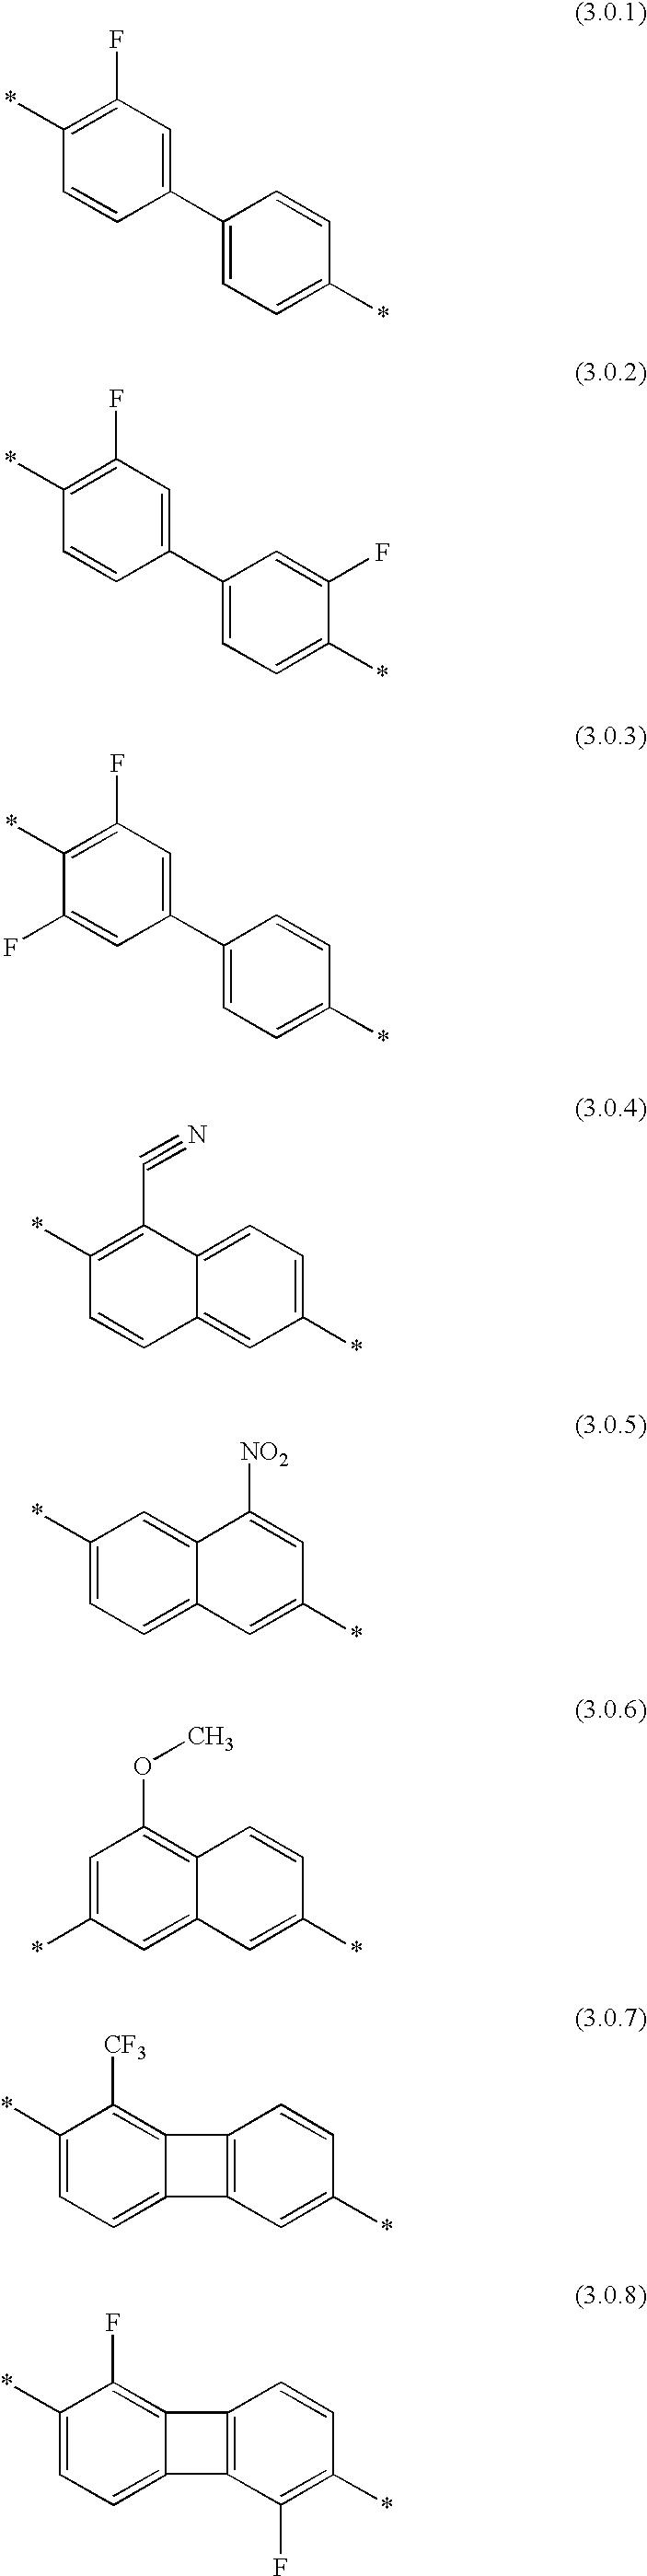 Figure US20020123520A1-20020905-C00084